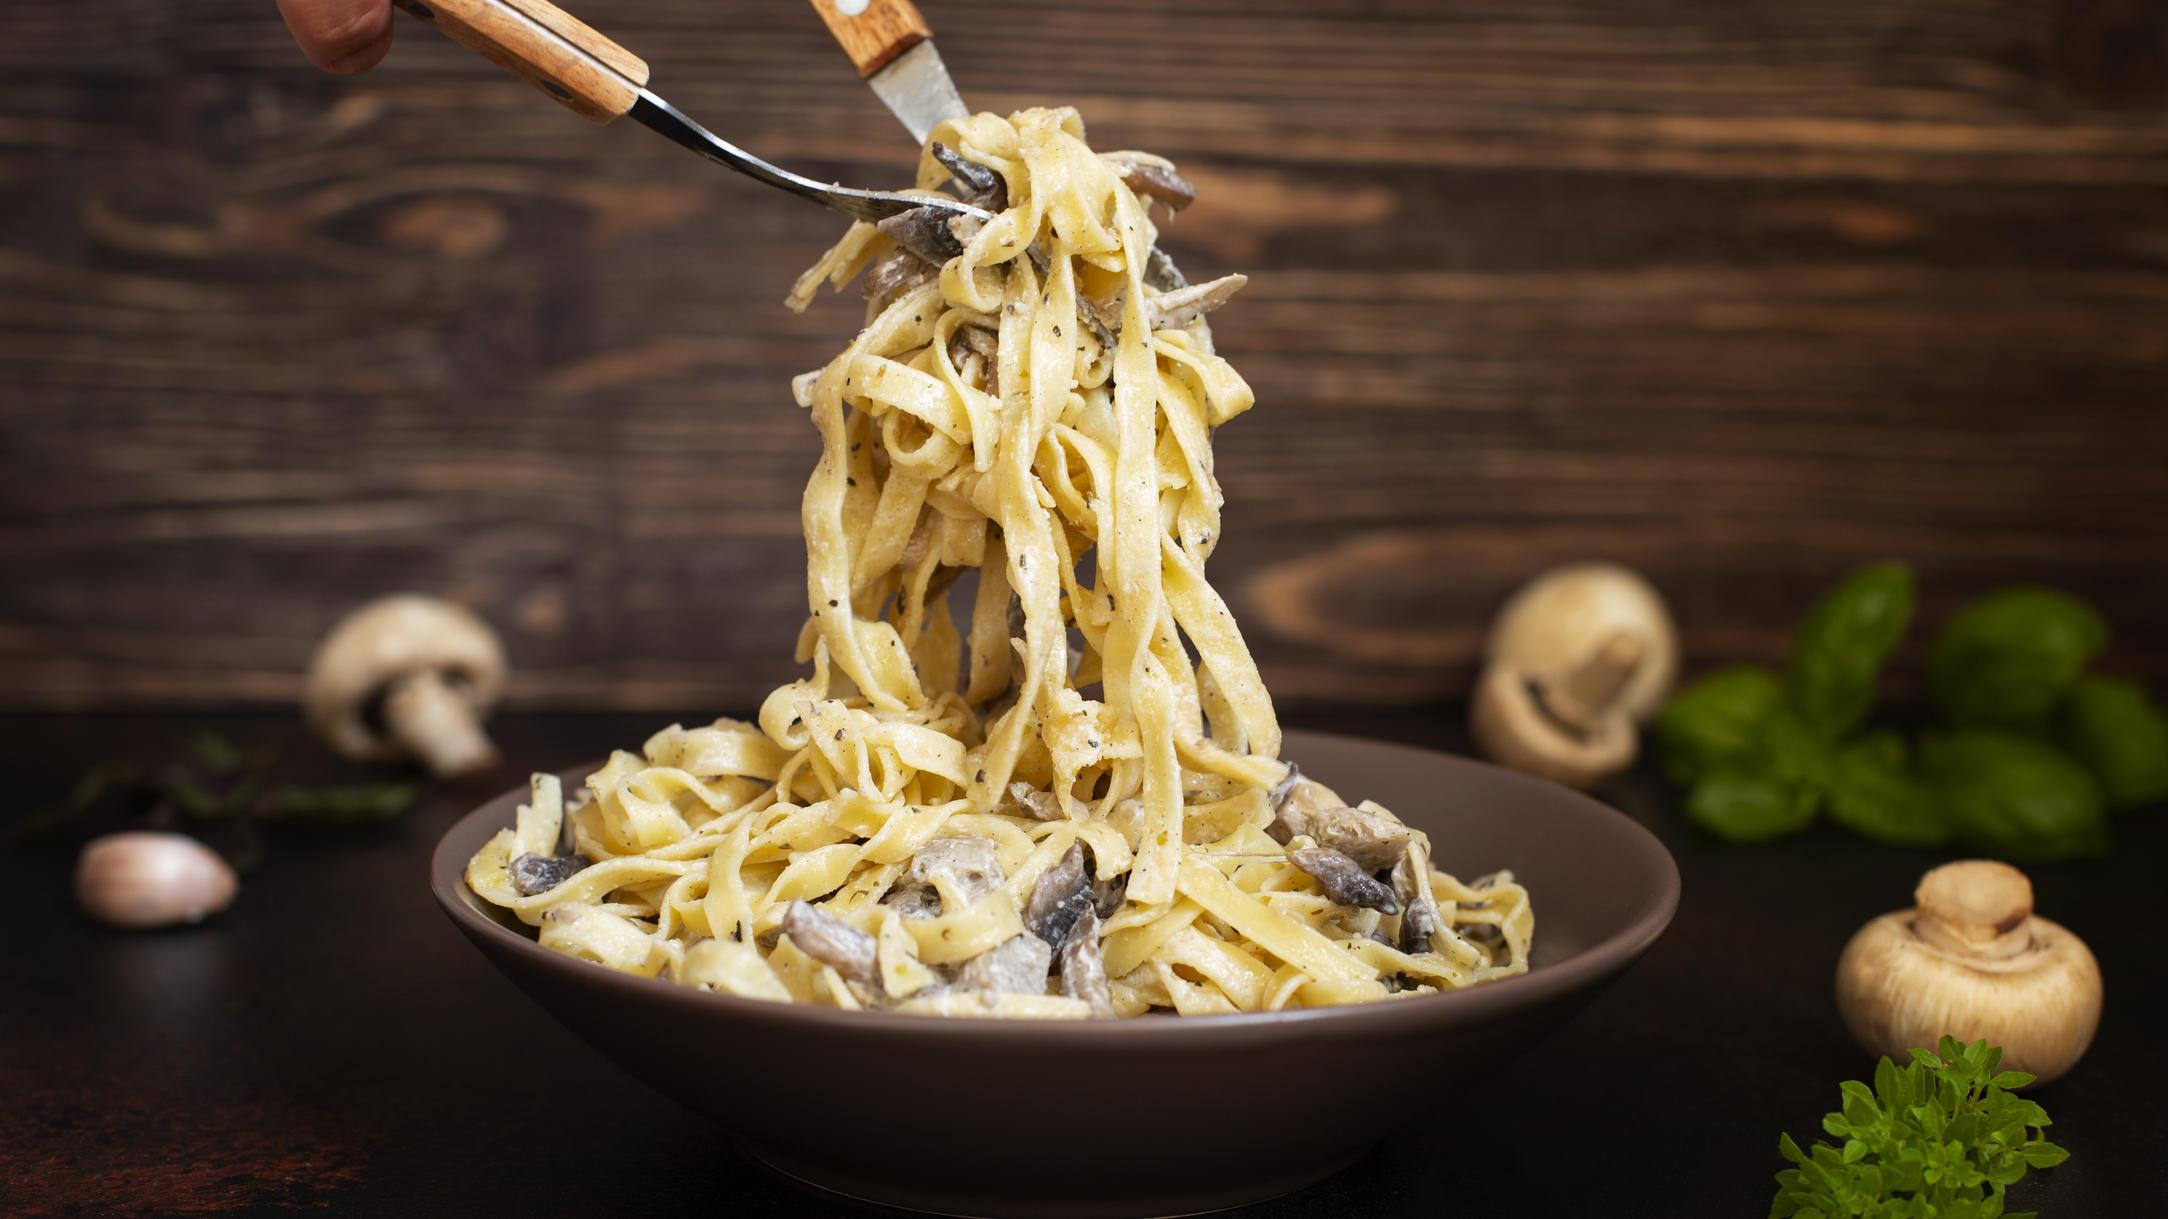 Pasta mit Pilzen und Sahnesauce